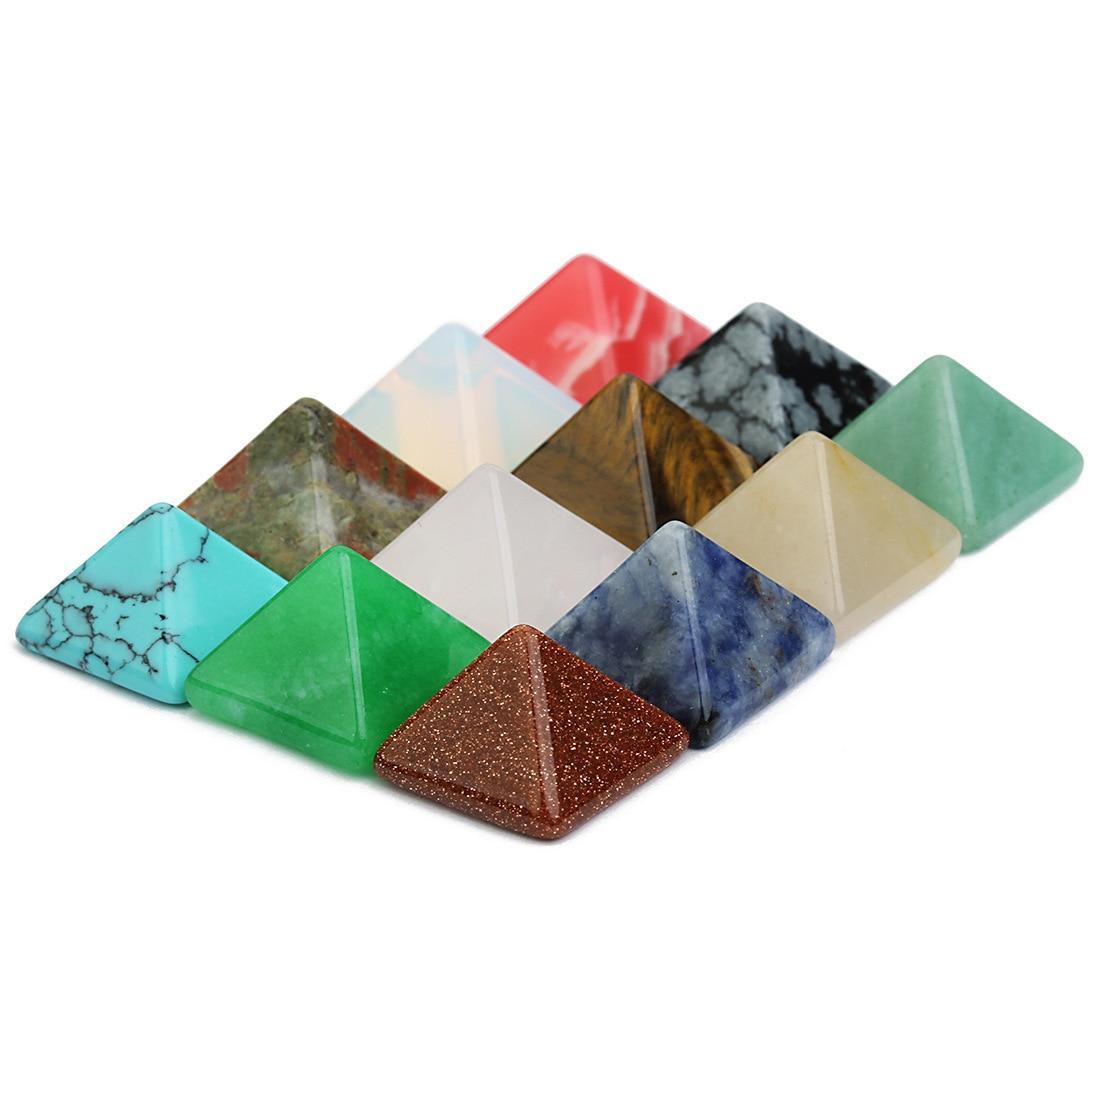 Lot de pyramides en pierres semi précieuses et cristaux au hasard